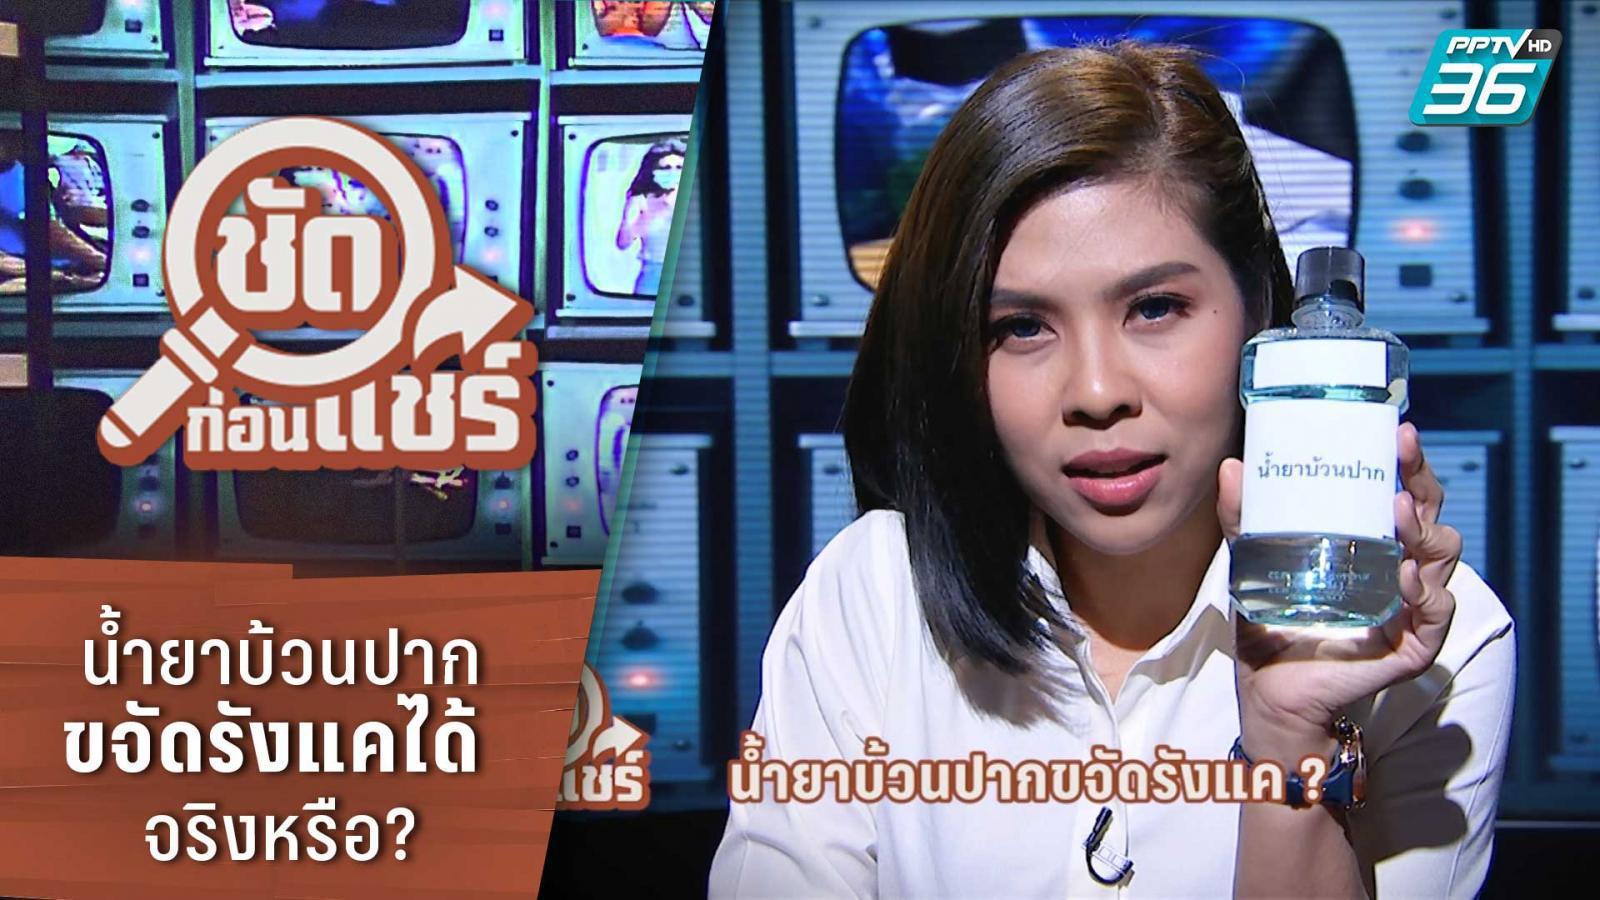 ชัดก่อนแชร์ | น้ำยาบ้วนปากขจัดรังแคได้ จริงหรือ? | PPTV HD 36